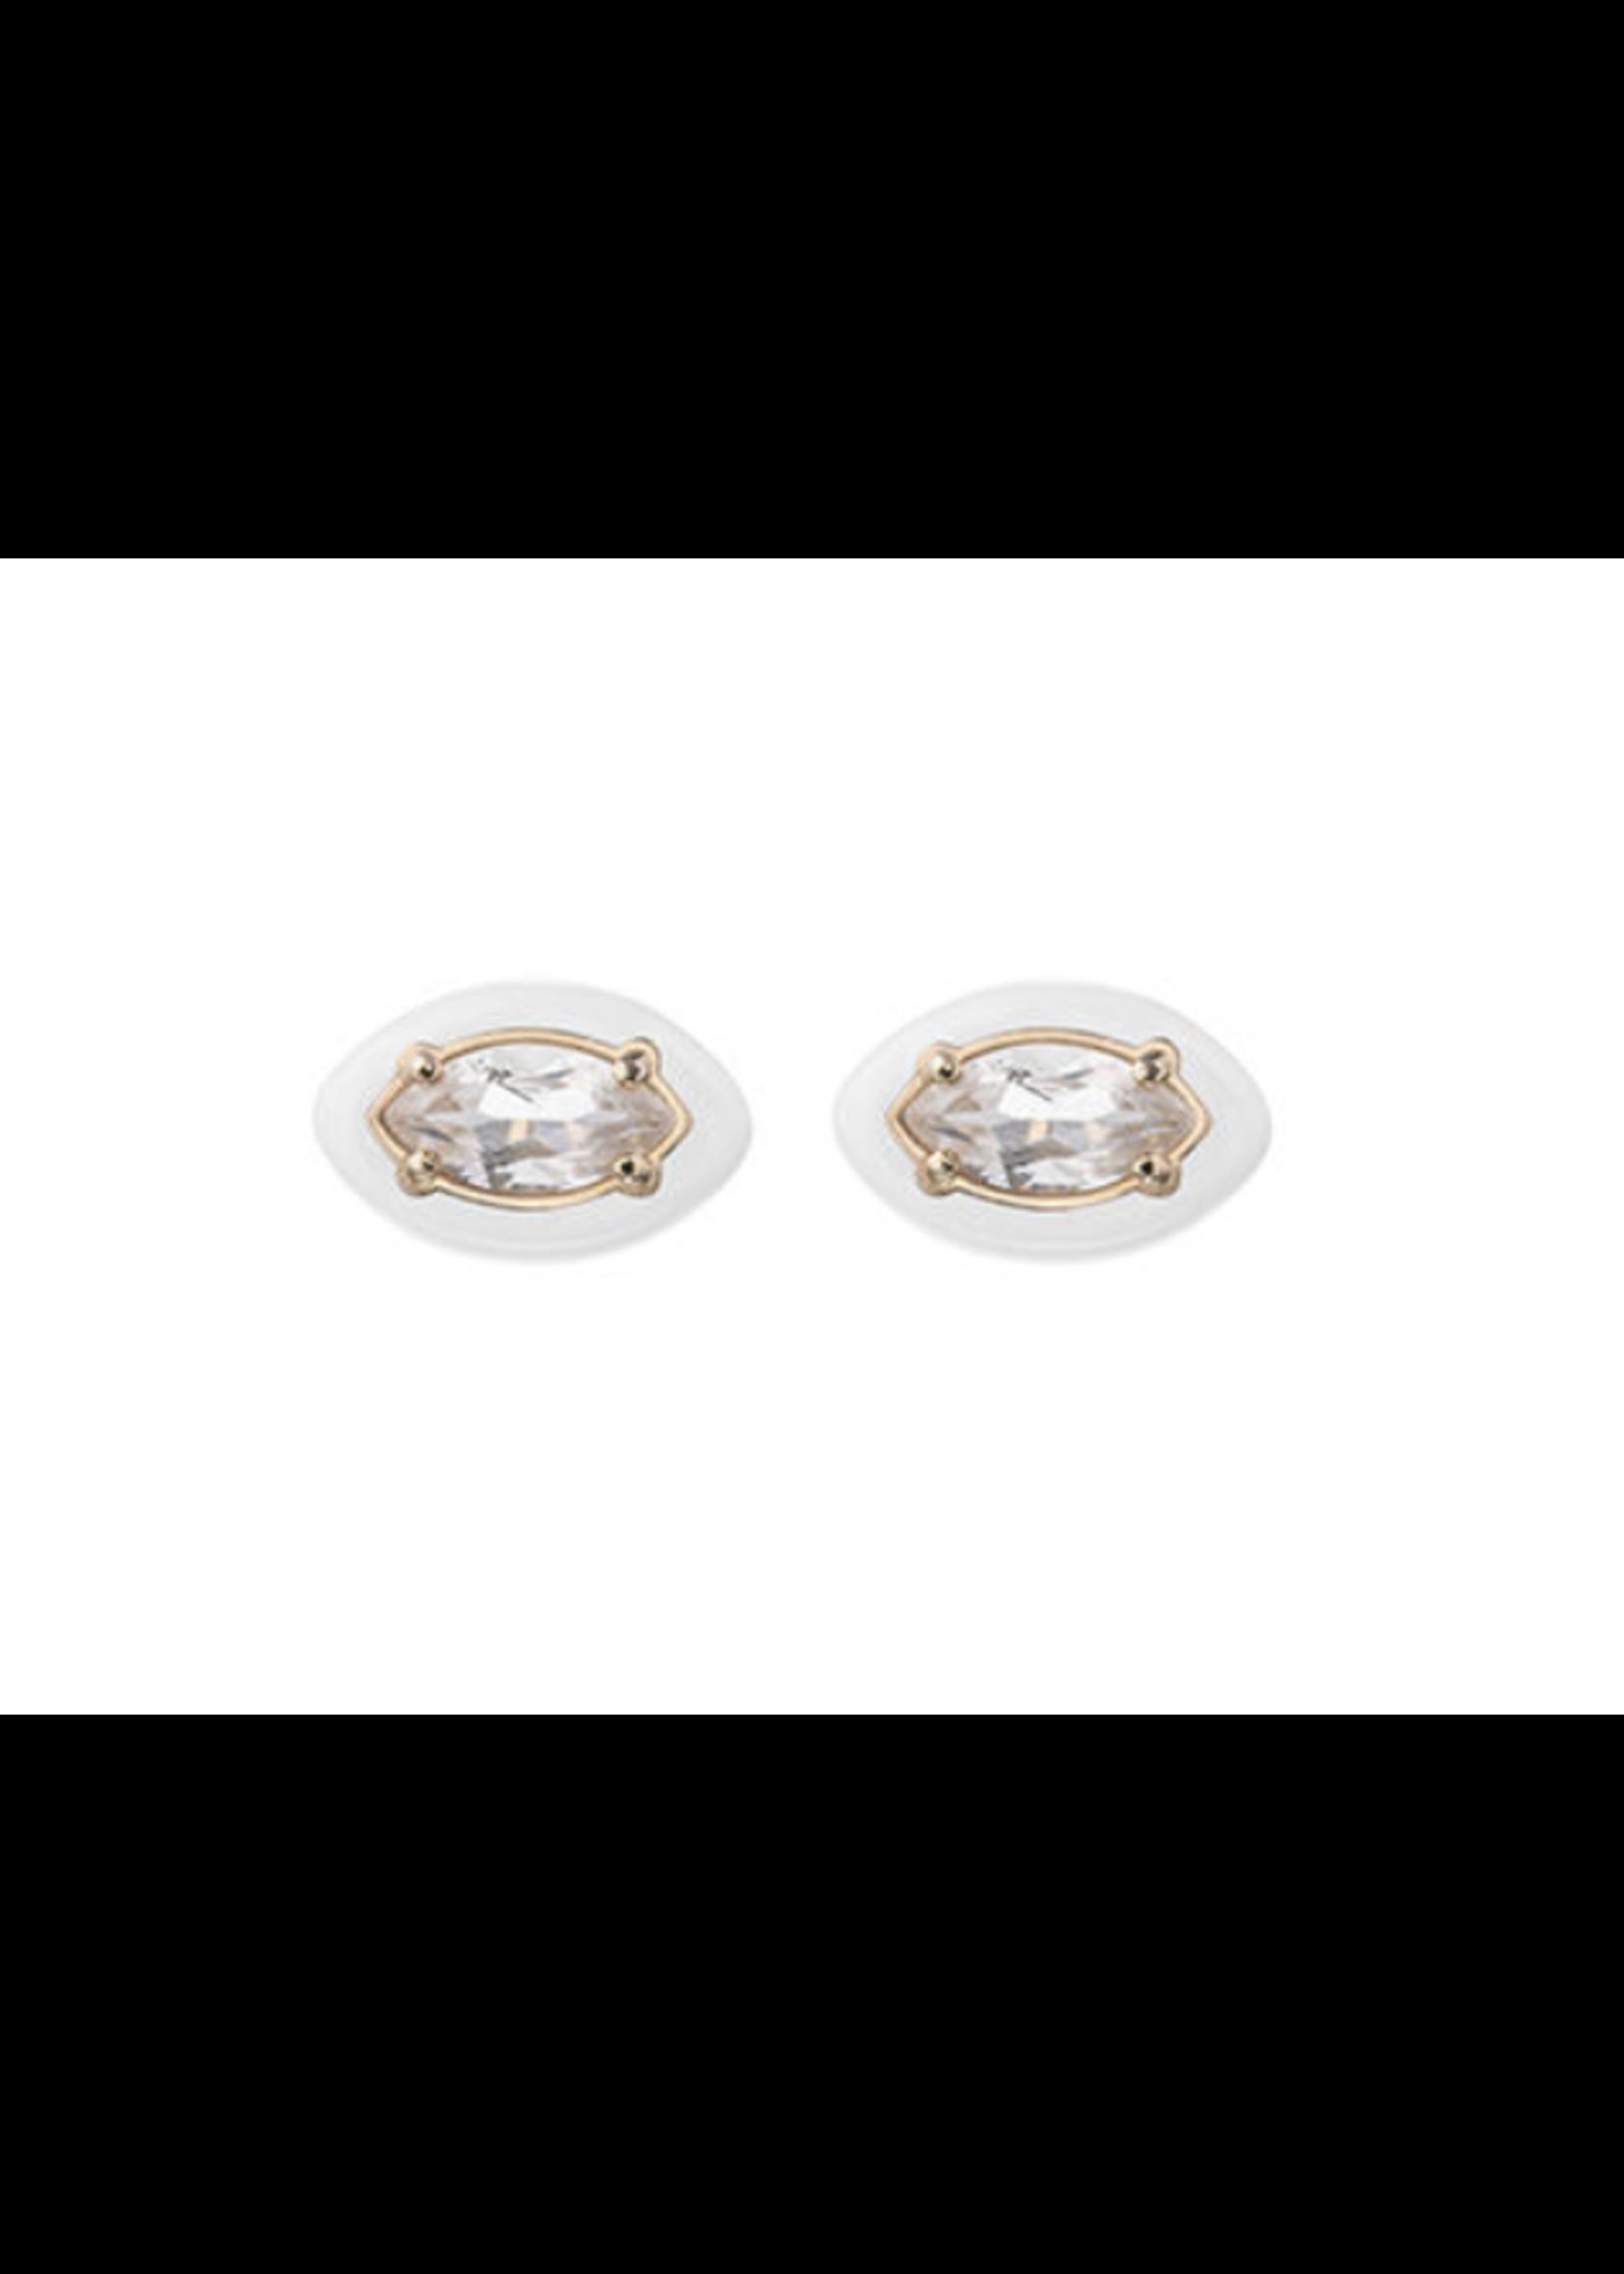 Bea Bongiasca White Sweetness Earrings